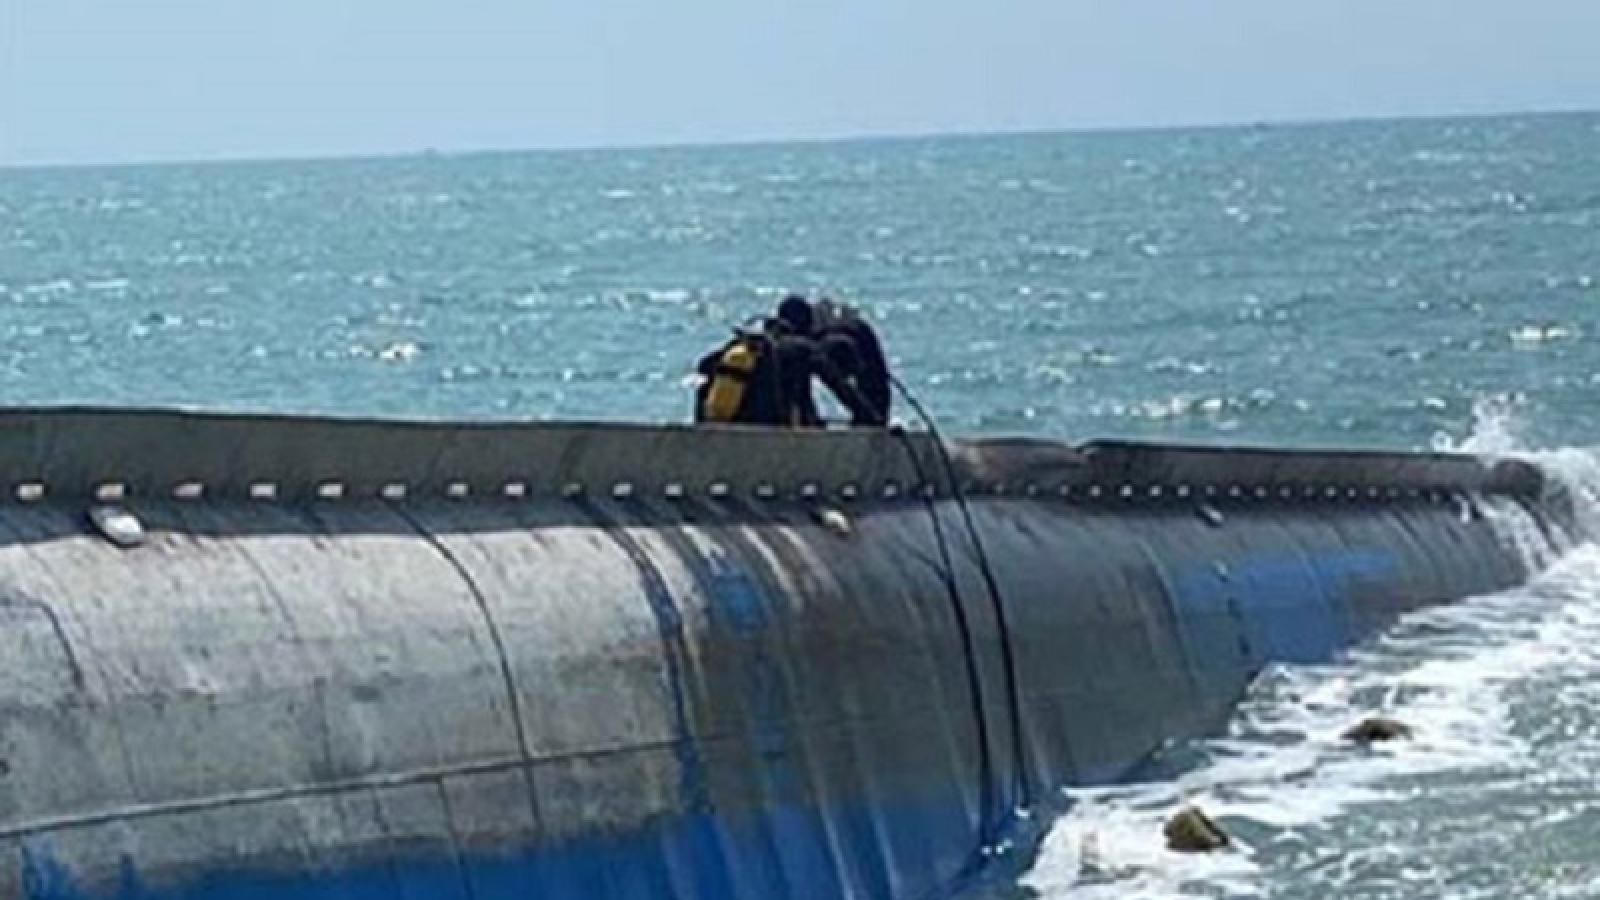 Khẩn trương xây dựng phương án trục vớt tàu chìm trên vùng biển Mũi Né